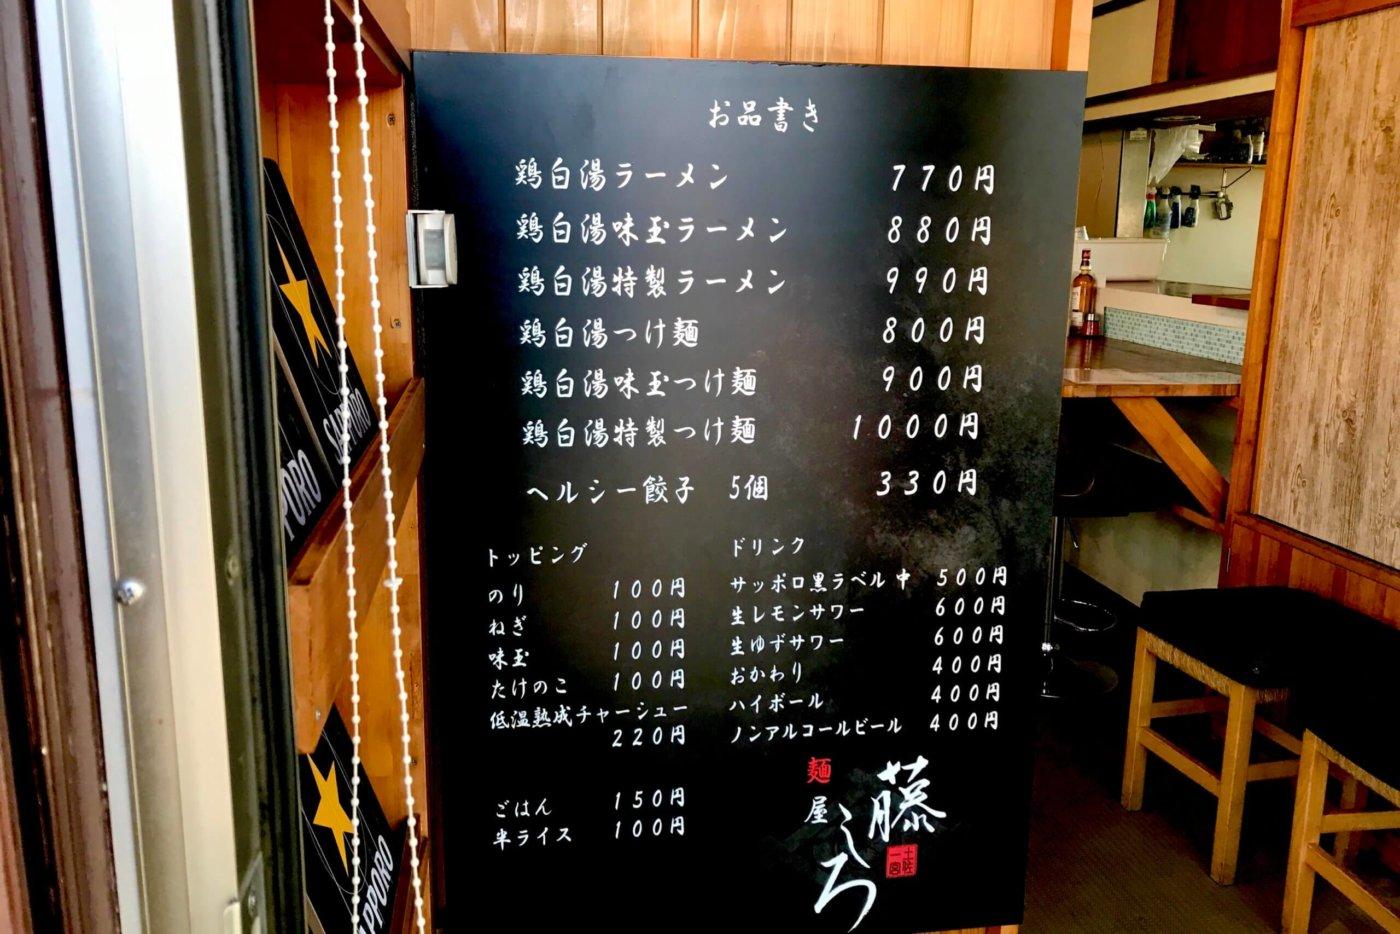 麺屋 藤しろ高知店 メニュー